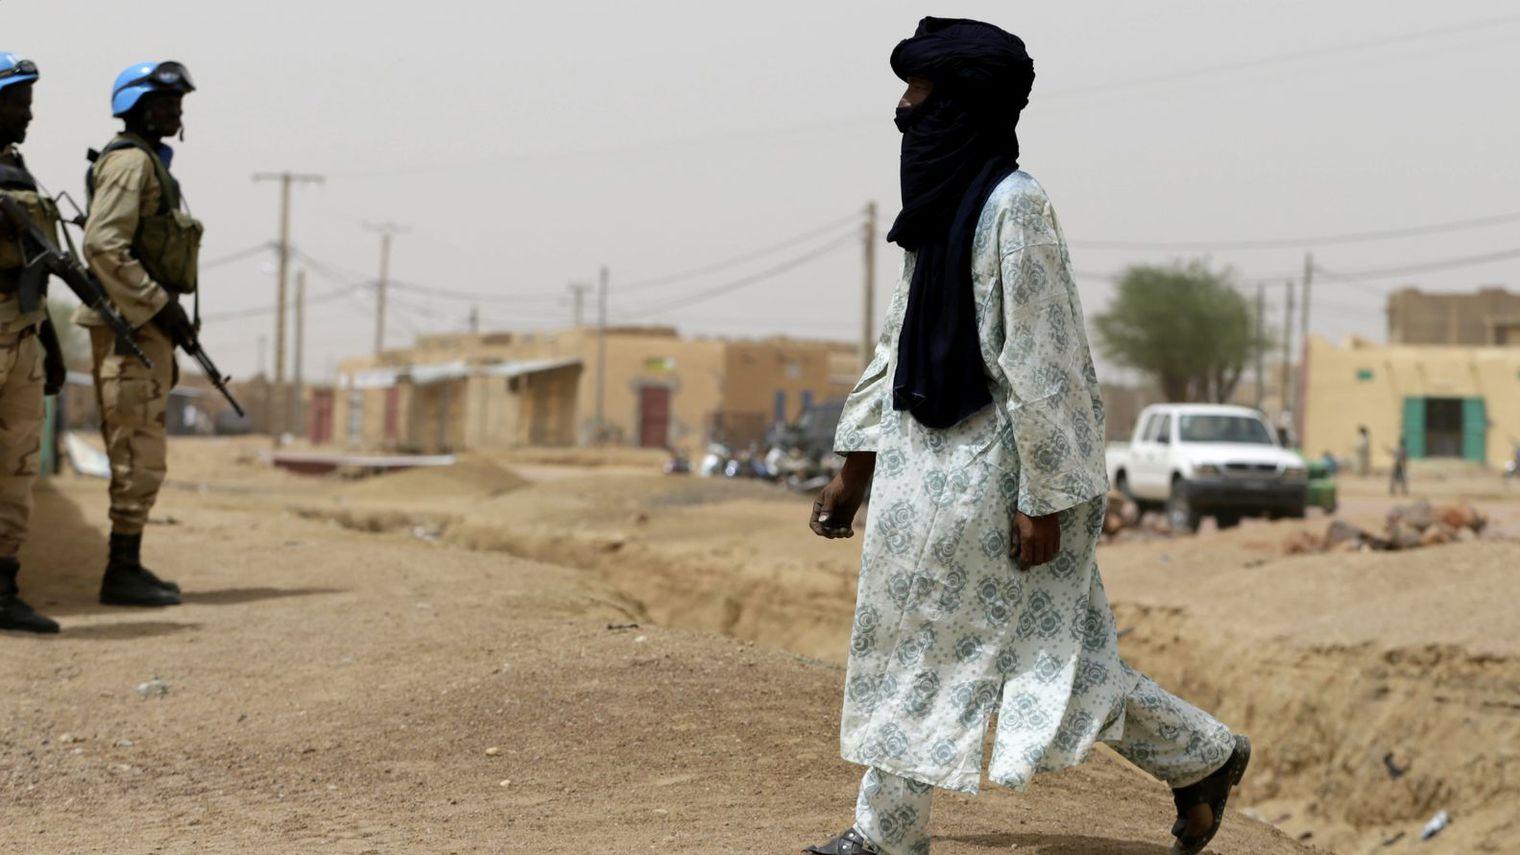 NAISSANCE D'UN MOUVEMENT ARME PEUL : Un nouveau front pour Bamako